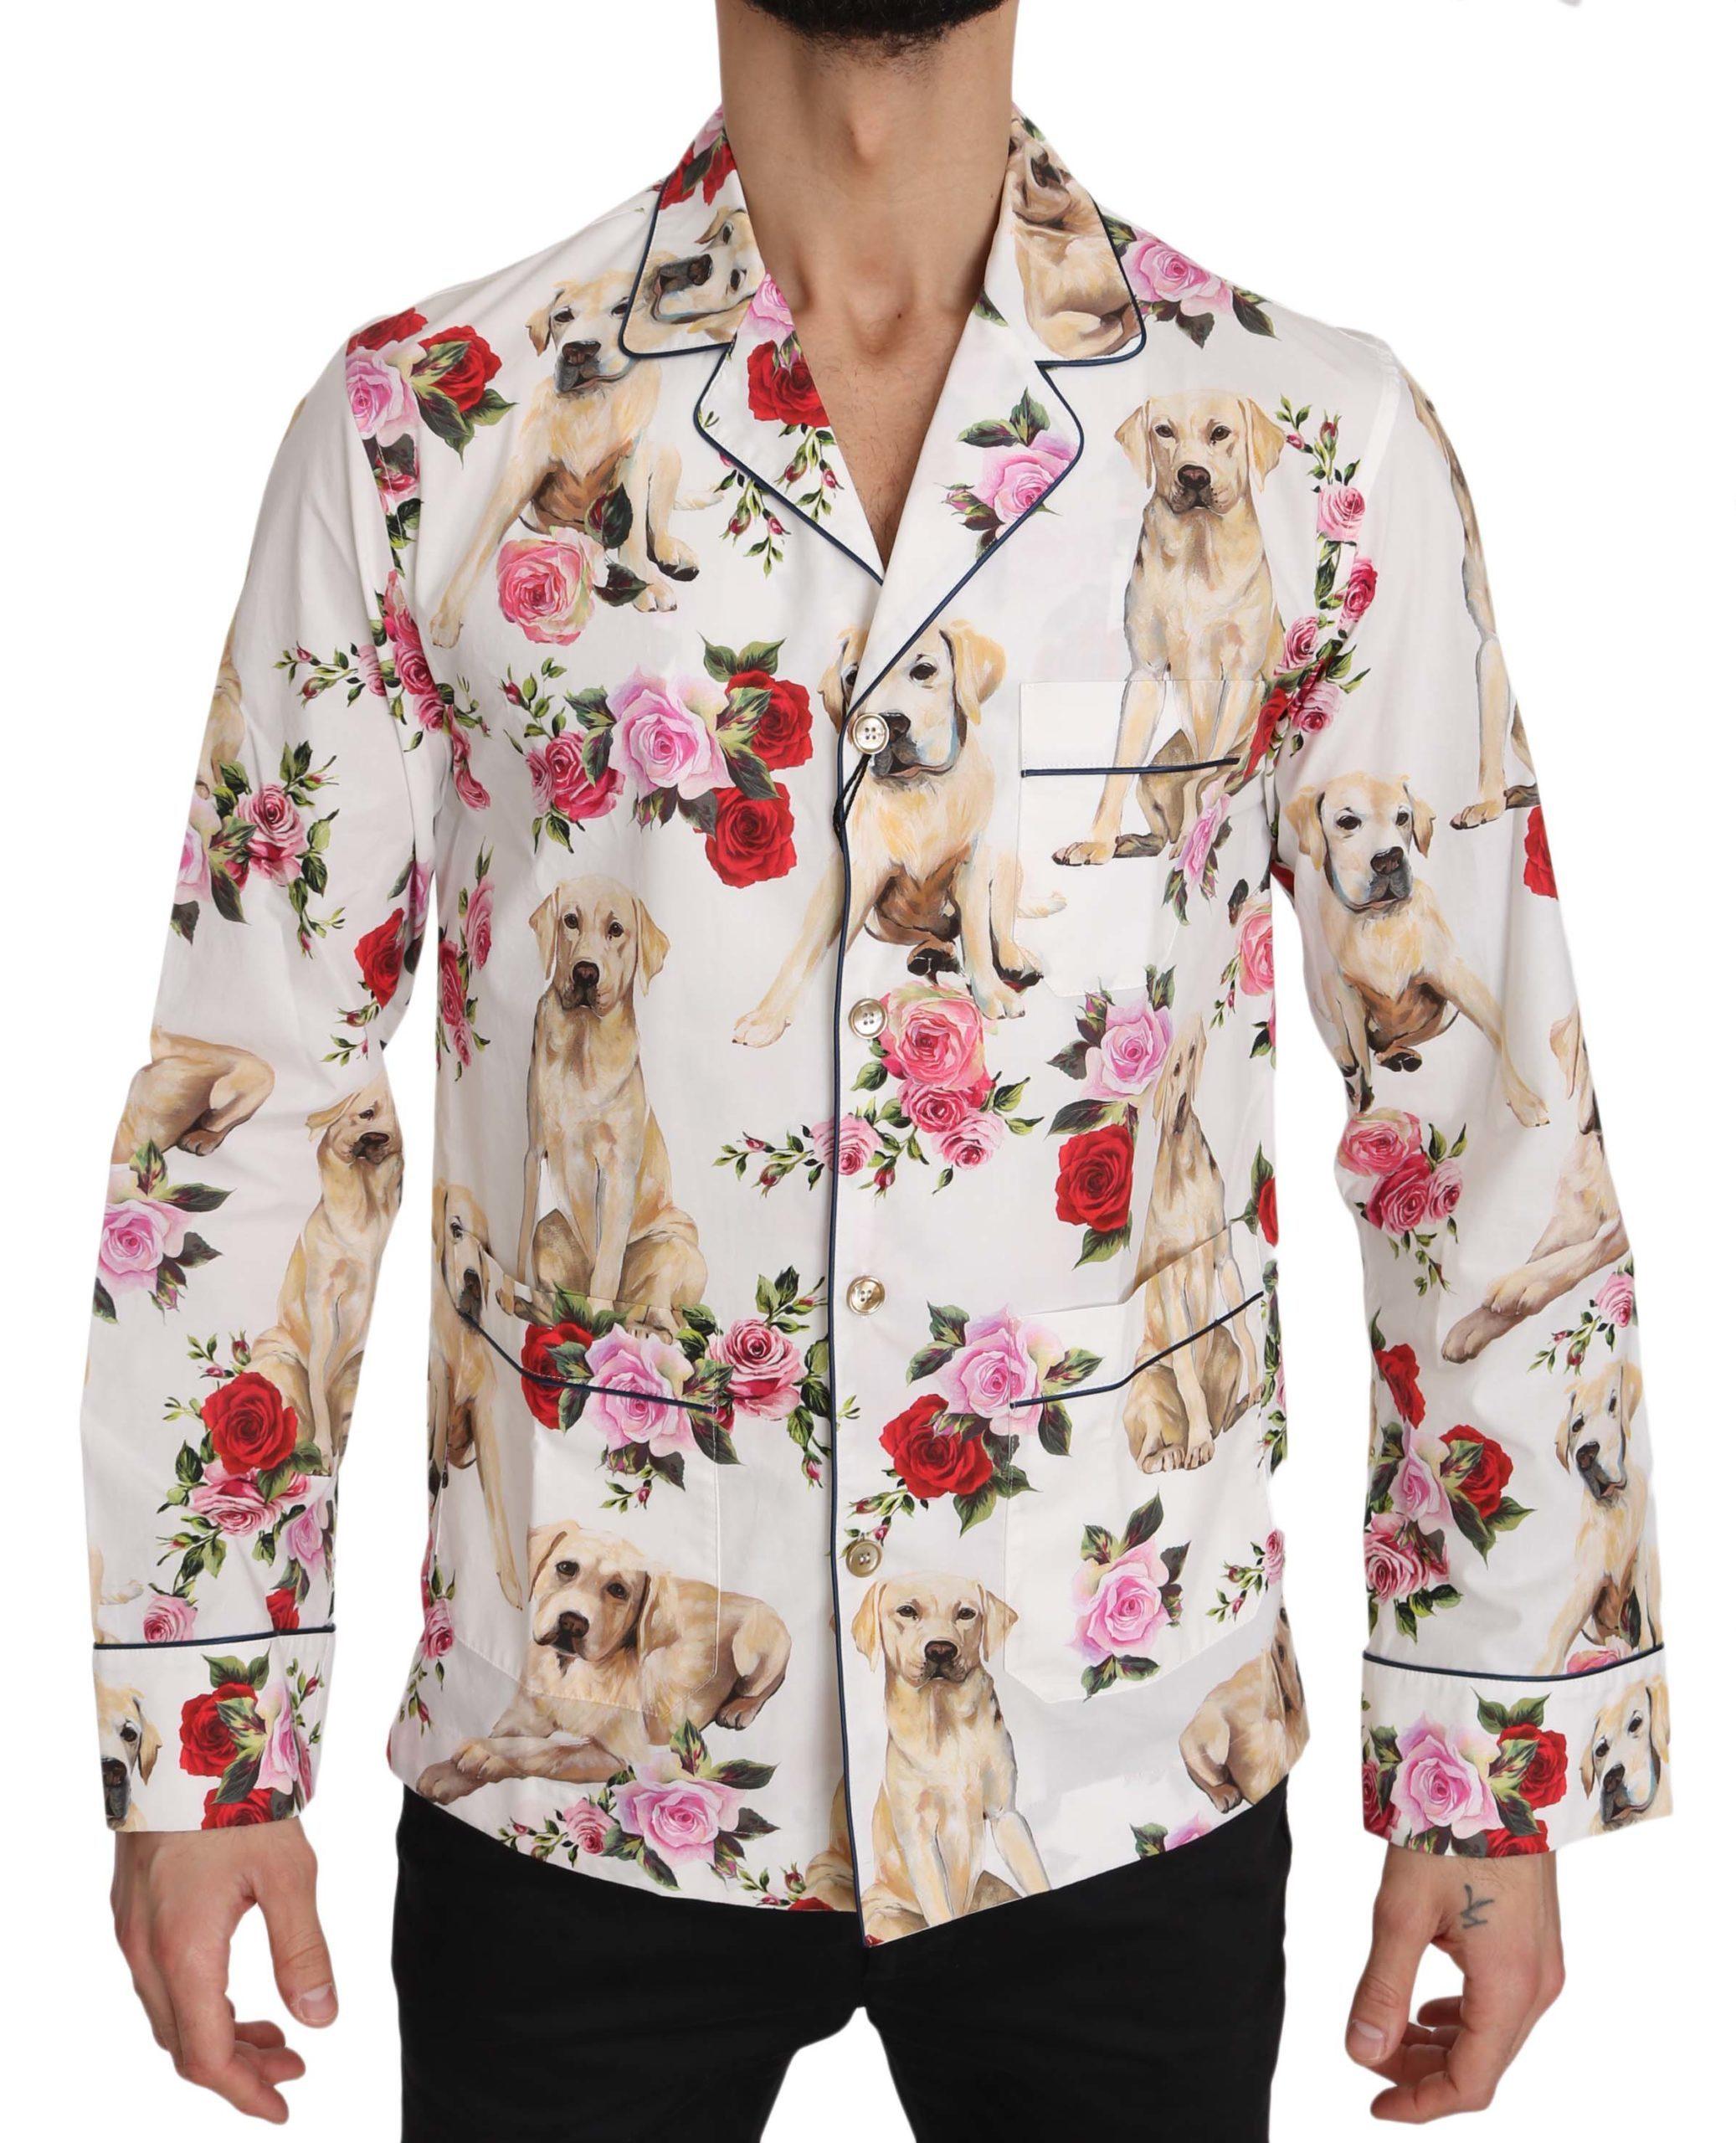 Dolce & Gabbana Men's Labrador Roses Cotton Shirt White TSH3362 - IT37   XS